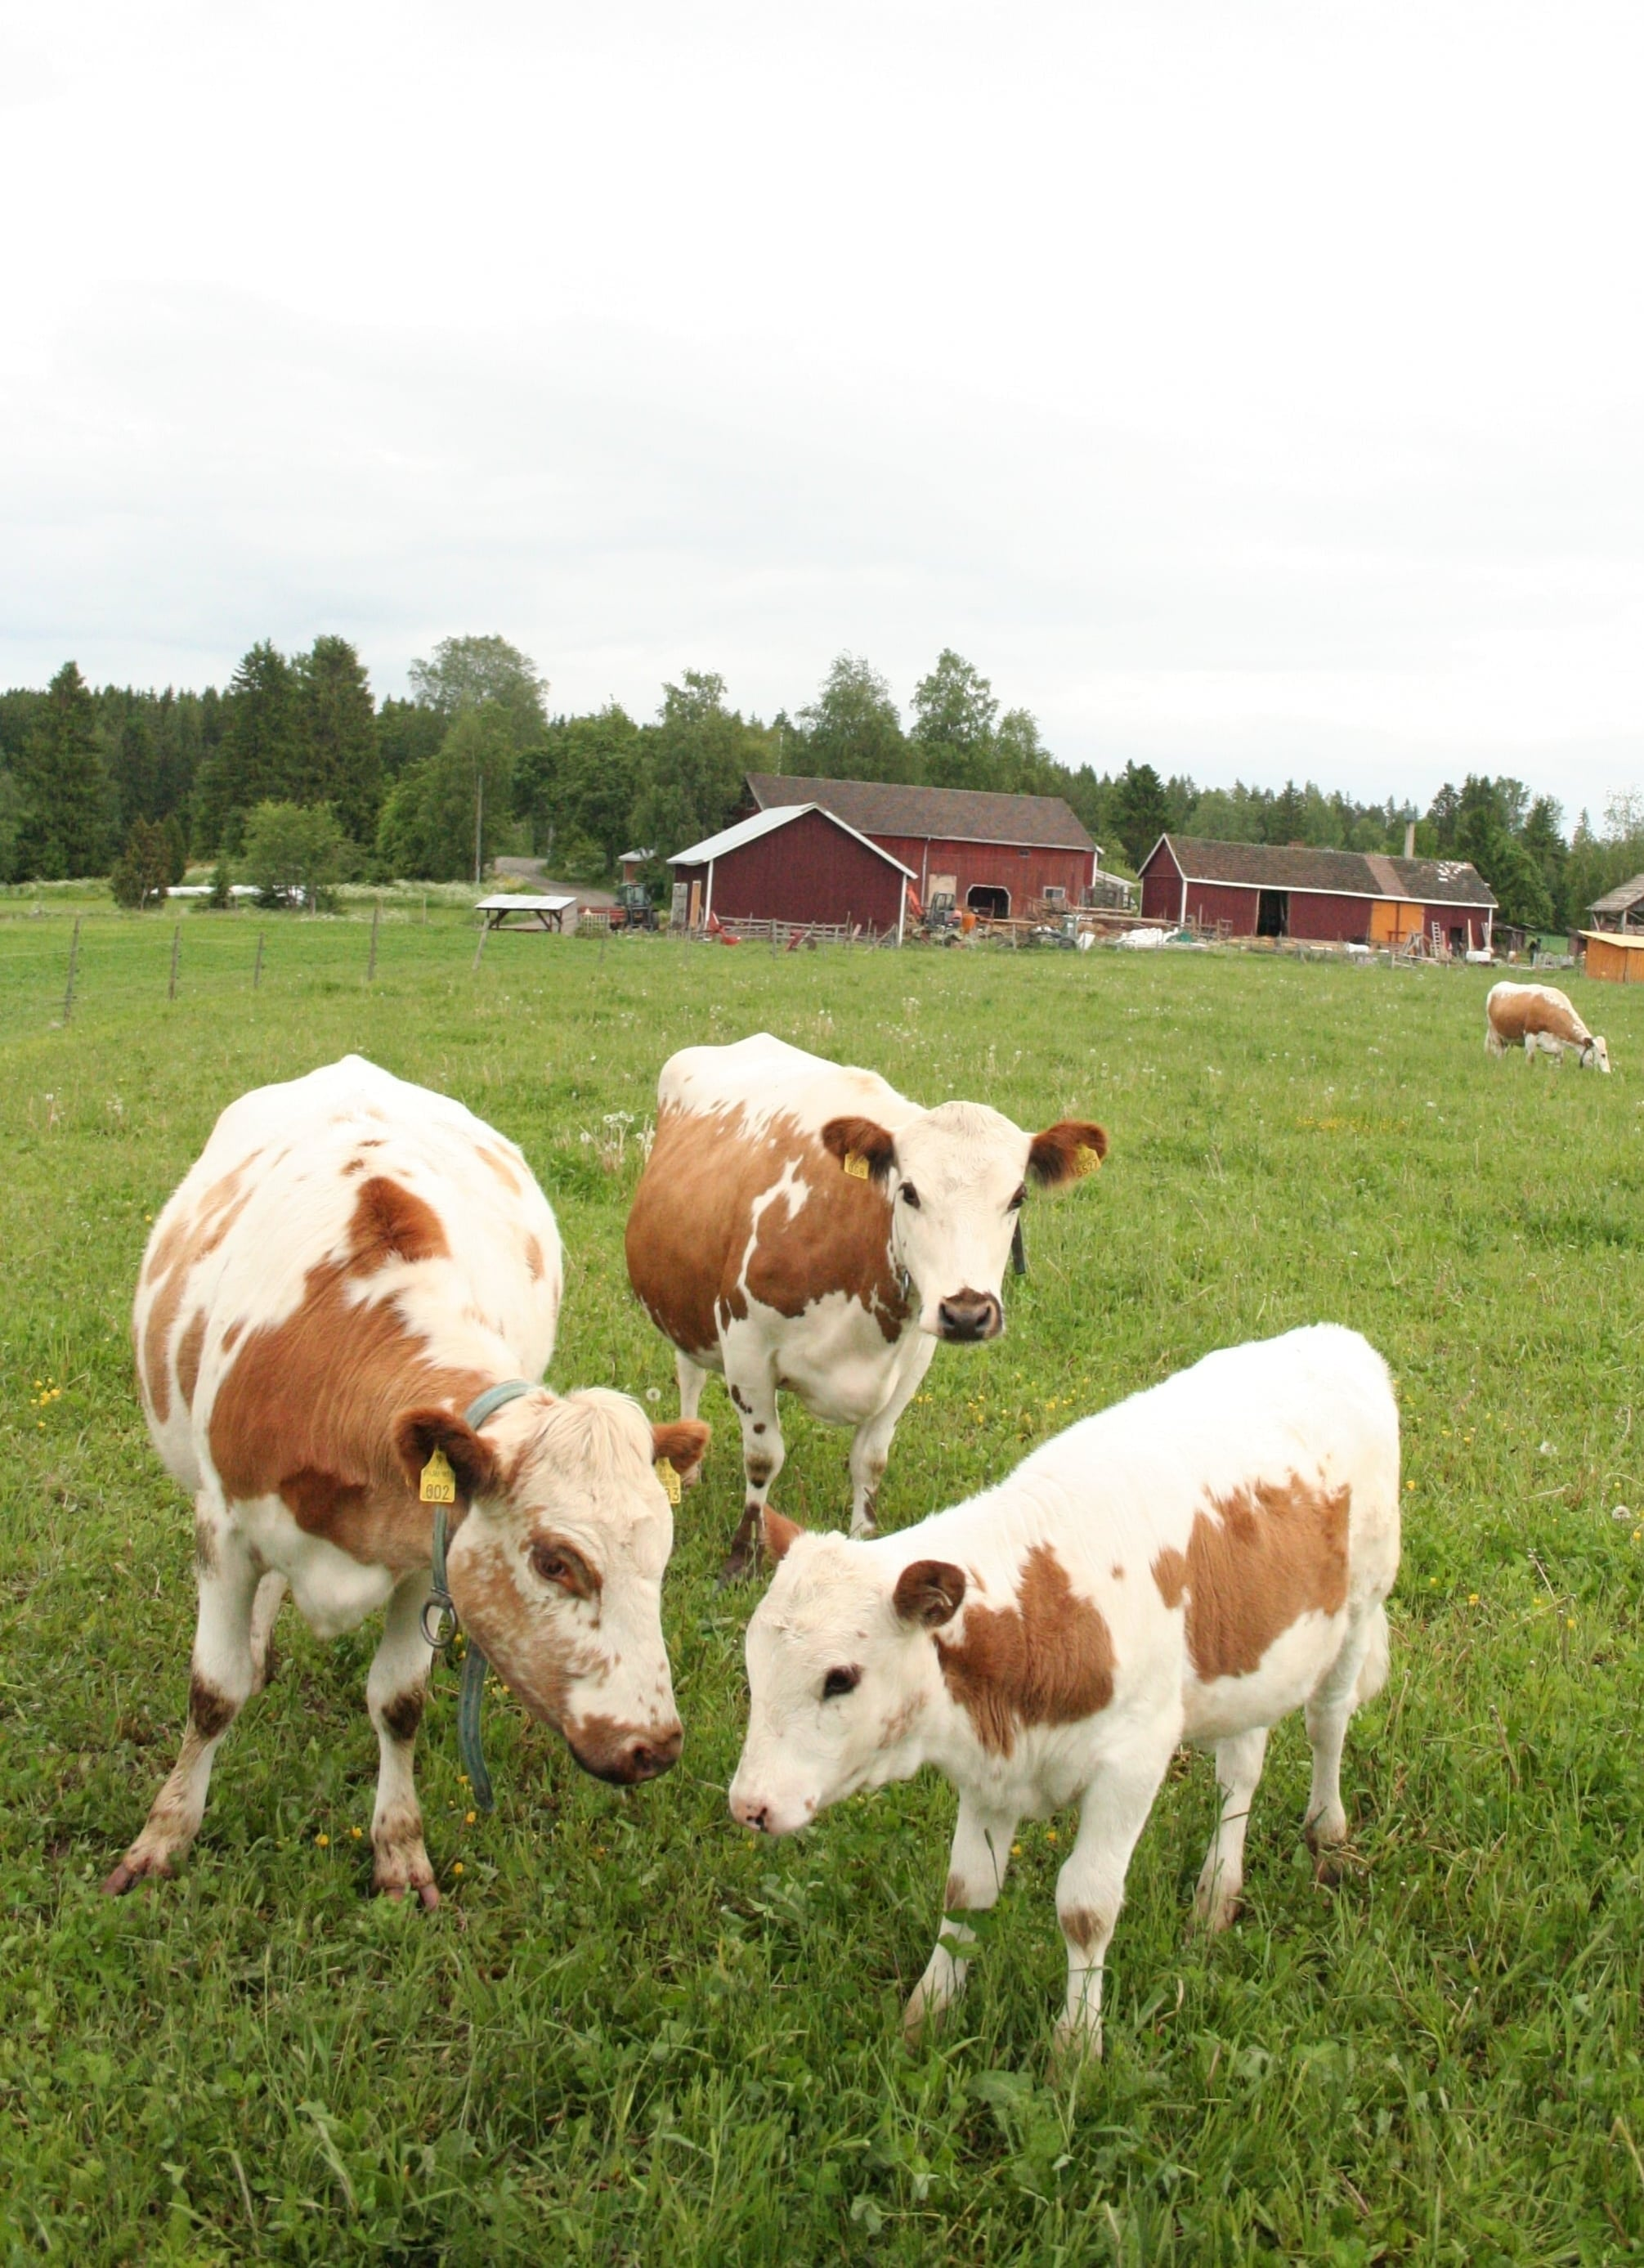 Lehmät Hikka ja Hiiri ja Hiiren vasikka Minni kesällä 2015. Taustalla oikealla näkyy lehmien pihatto.